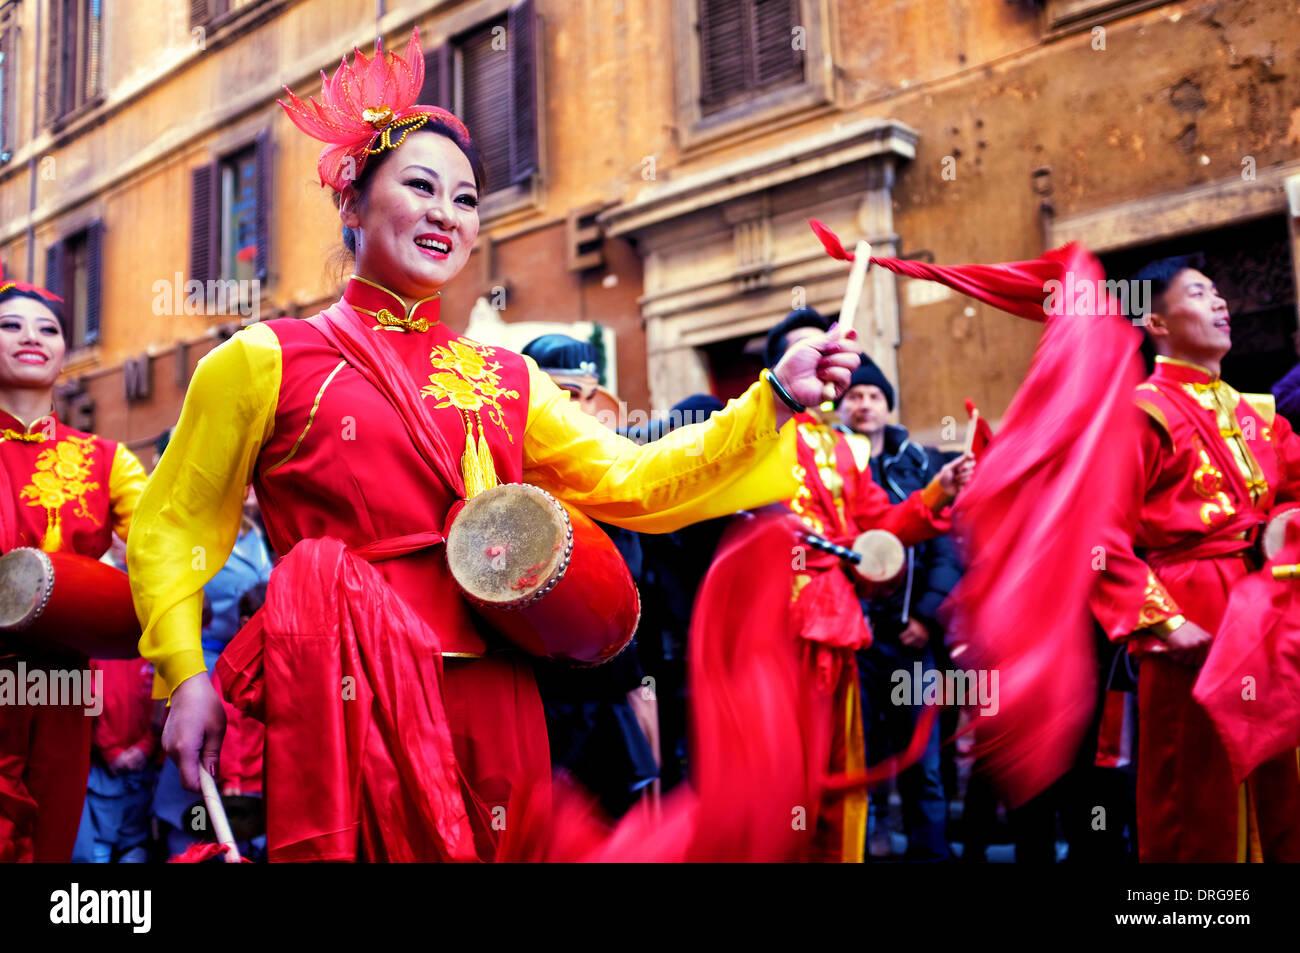 Roma, Italia 25 gennaio 2014 artisti celebrano il nuovo anno cinese in Via del Corso. Secondo il calendario cinese, questo è l'anno del cavallo di credito: Fabrizio Troiani/Alamy Live News Immagini Stock